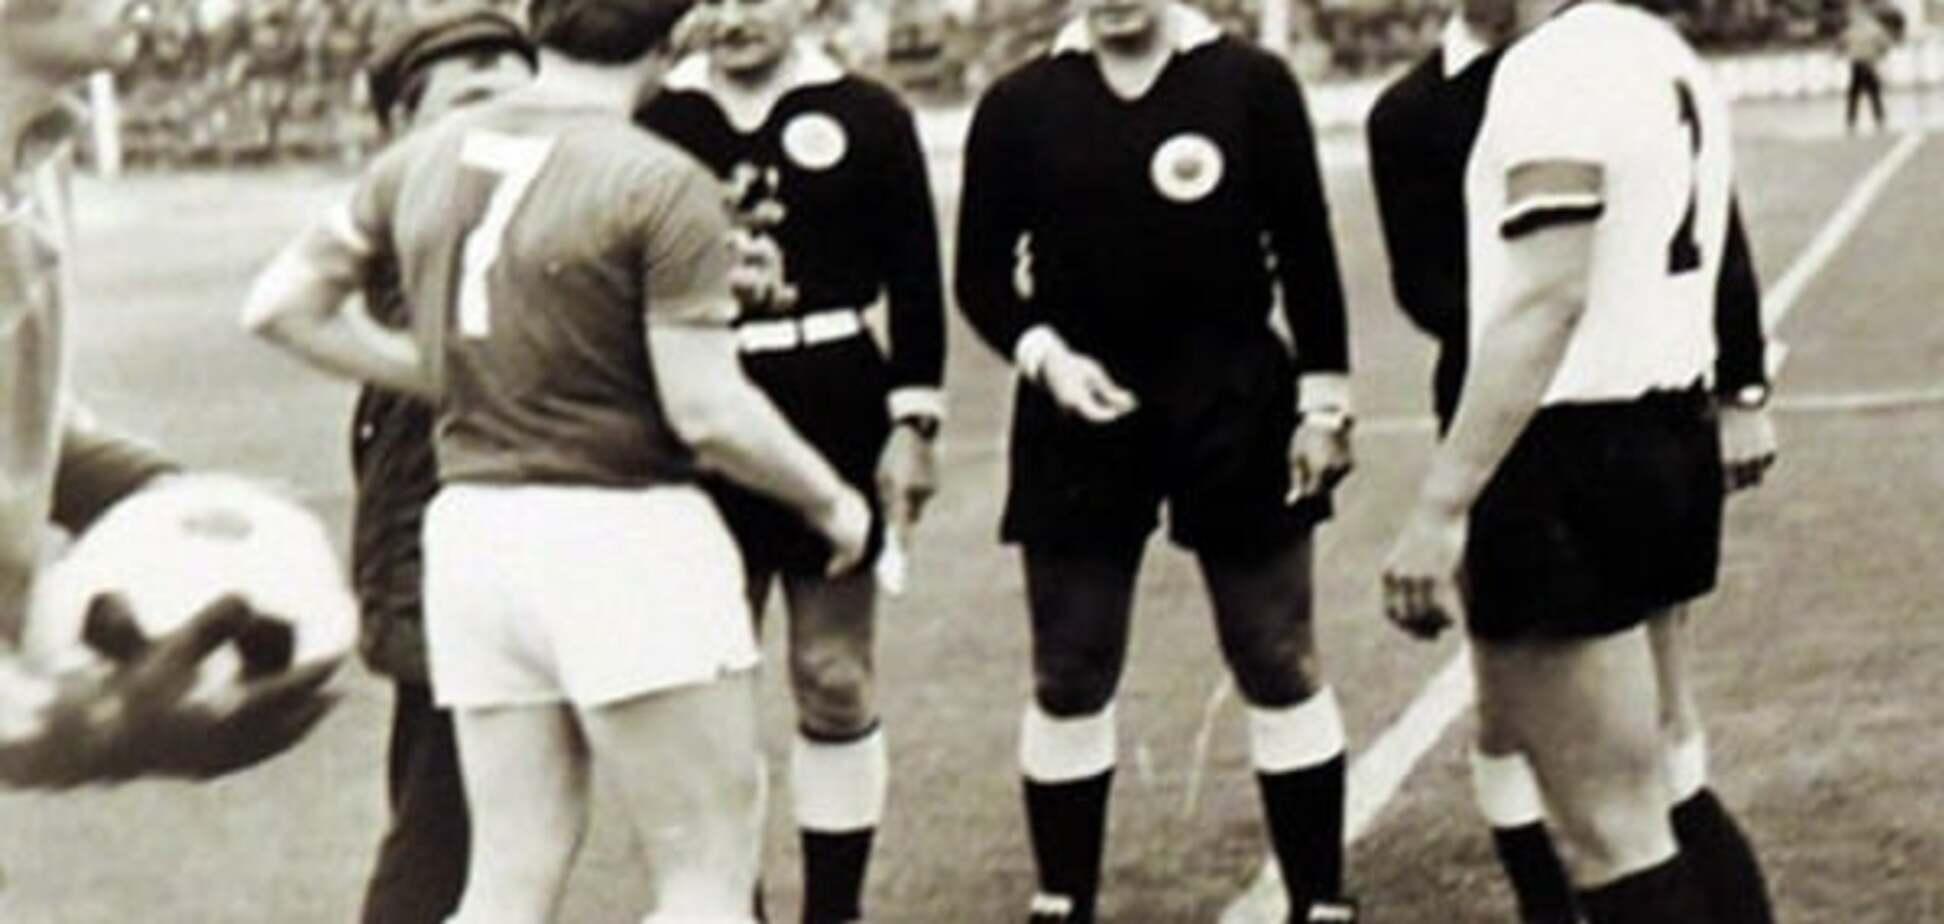 З журналістського архіву КДБ: як у СРСР викрадали футбольних арбітрів